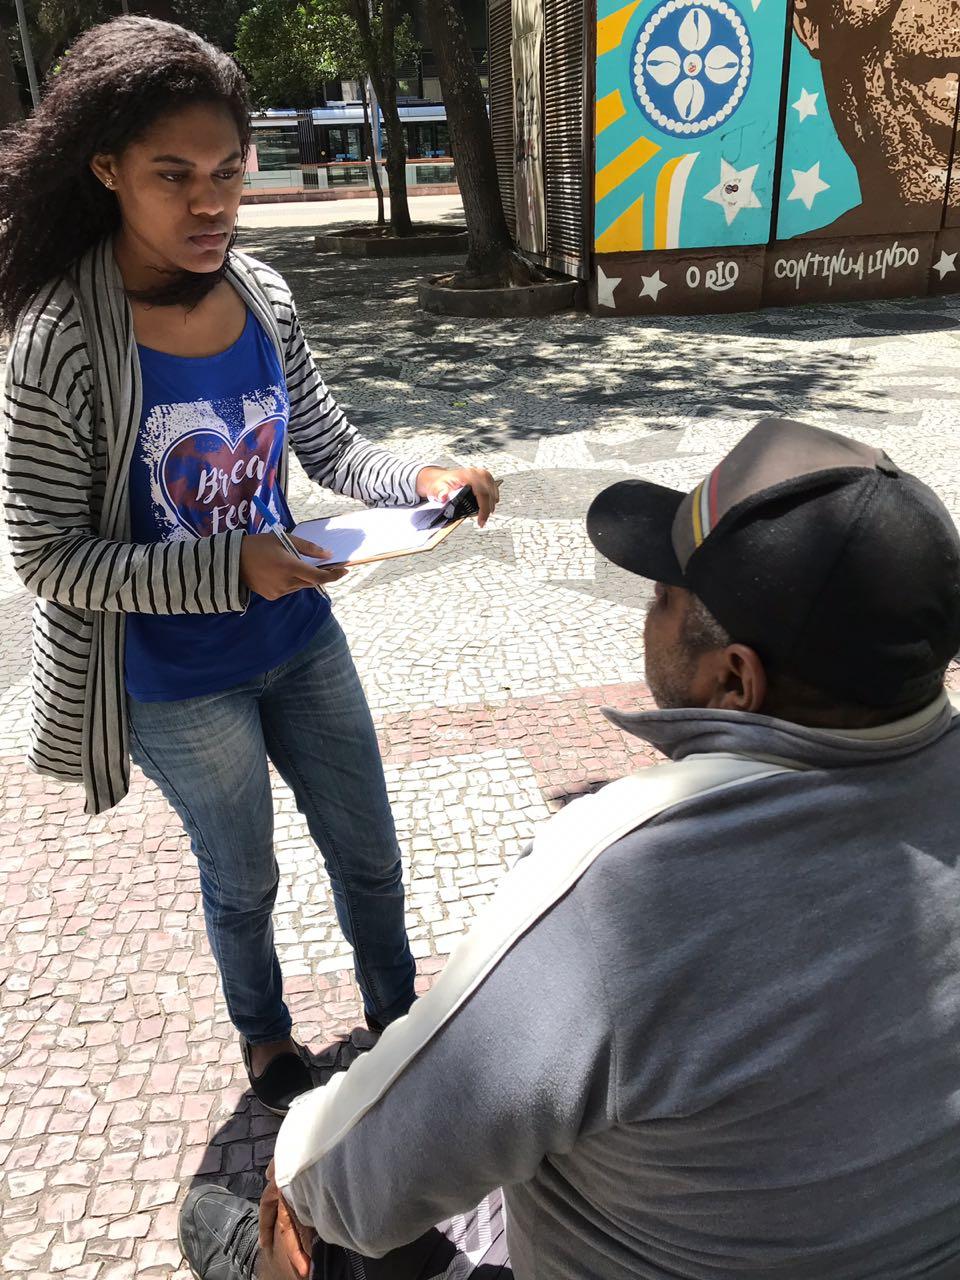 Estudante da Facha faz atendimento nas ruas: alunos conheceram nova realidade (Foto: divulgação)